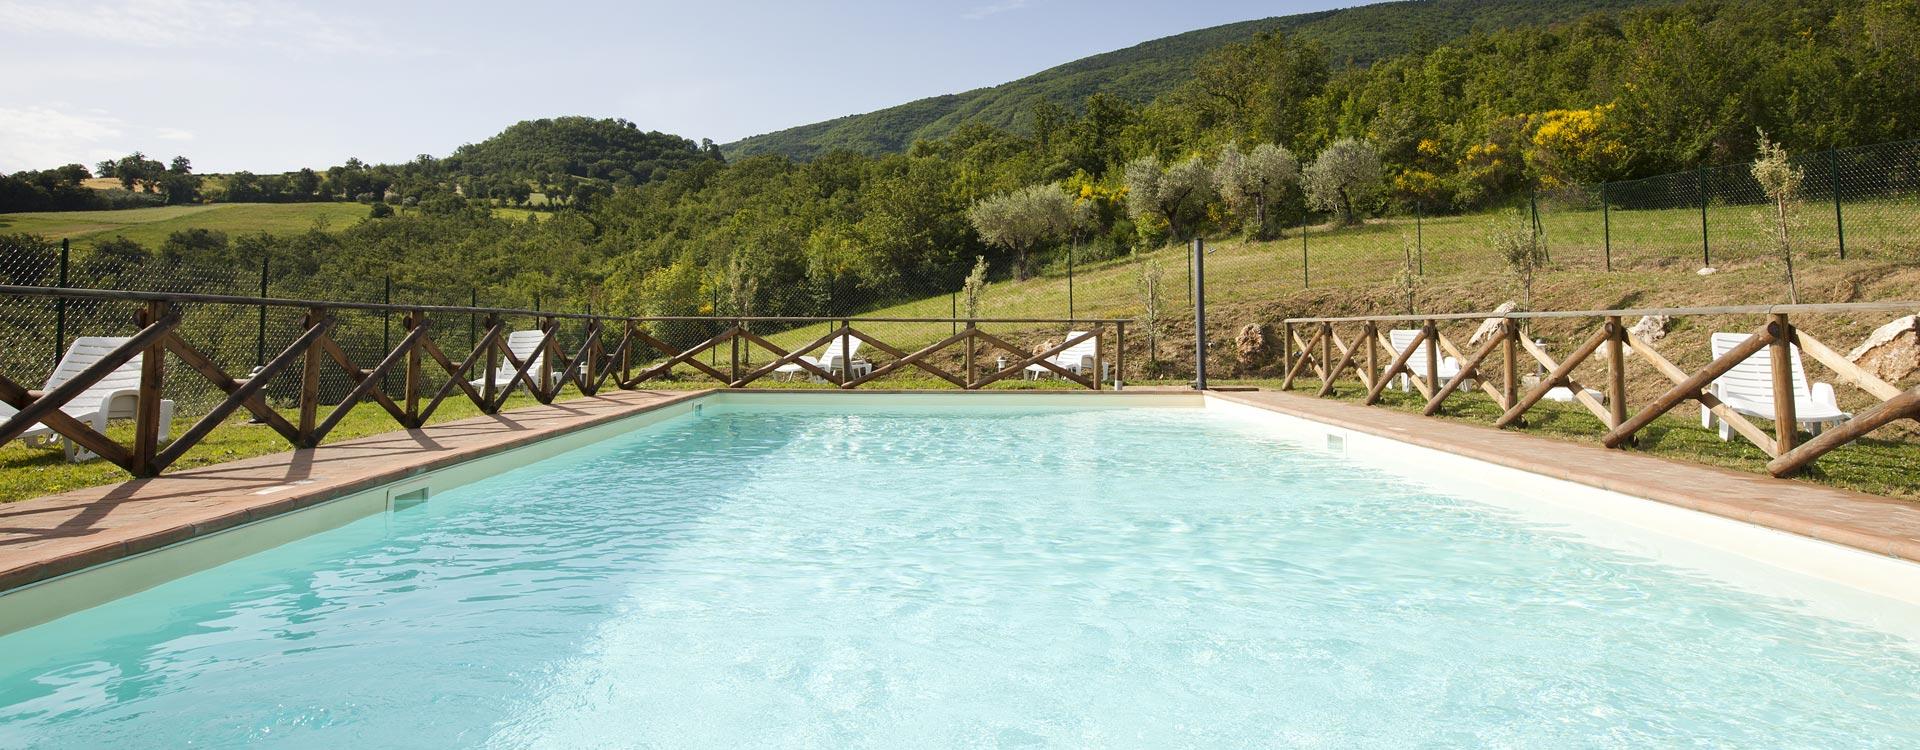 Agriturismo Assisi 'Relais Parco del Subasio' - Lontano dal caldo della pianura